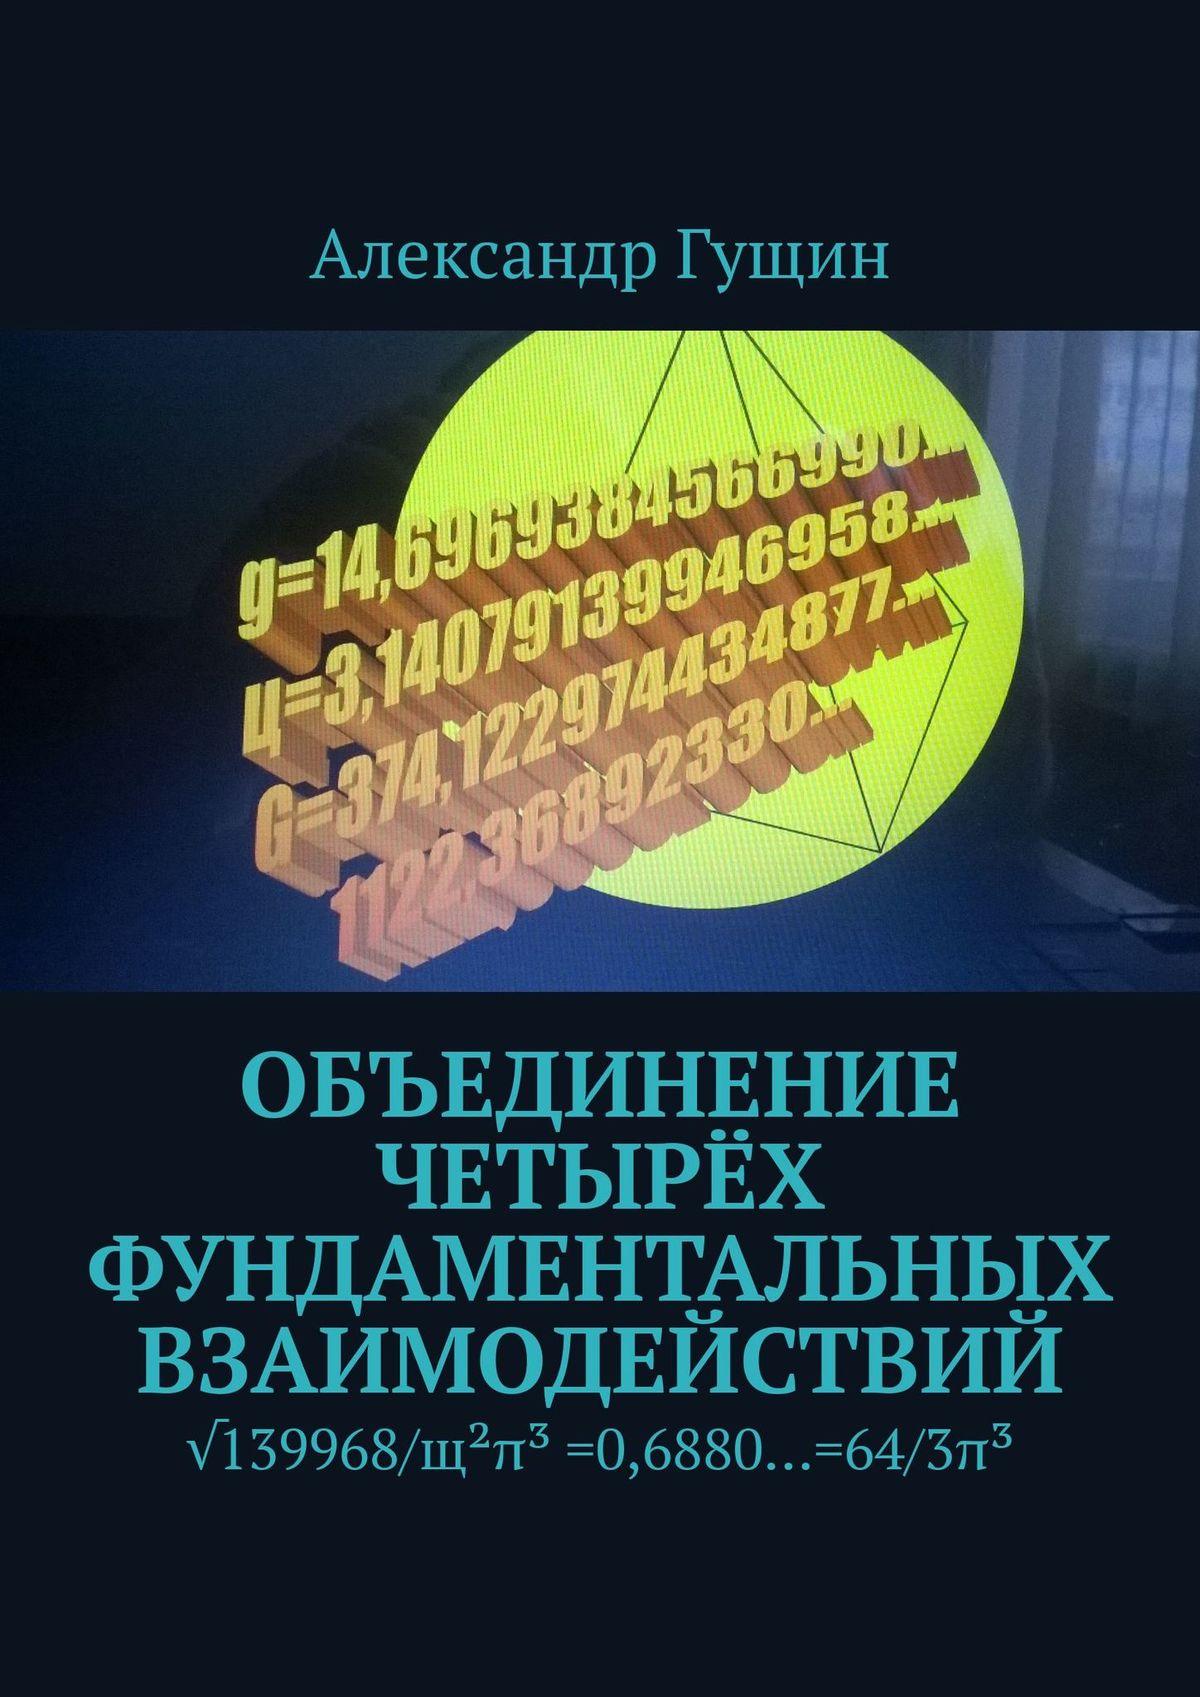 Объединение четырёх фундаментальных взаимодействий. Цифровая структура атомов химических элементов